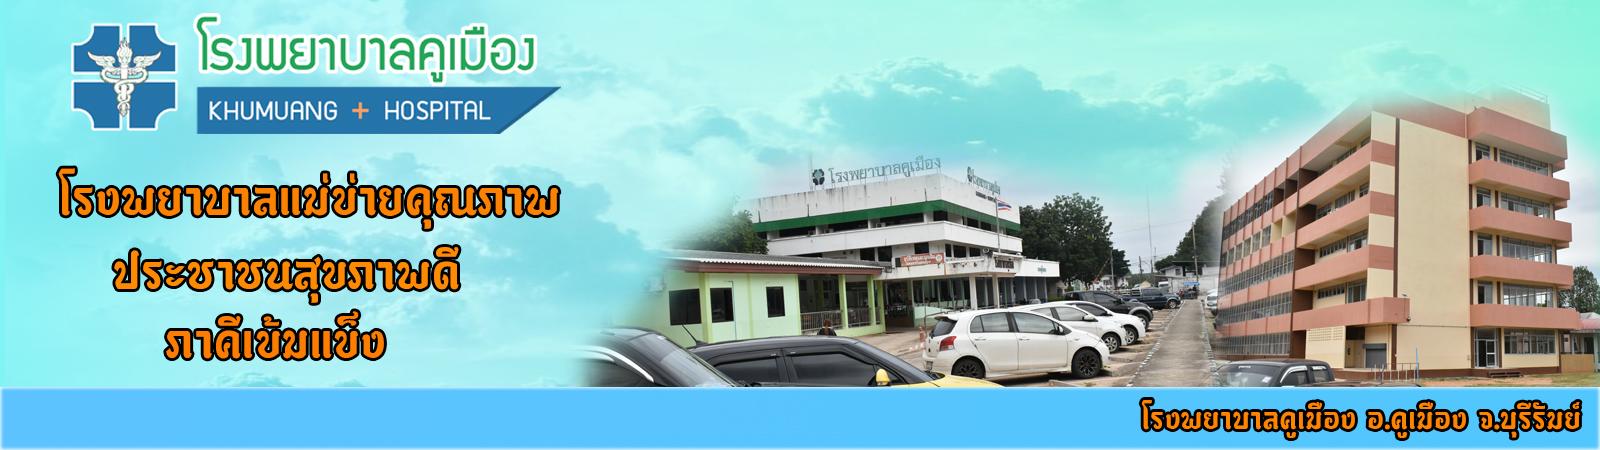 โรงพยาบาลคูเมือง